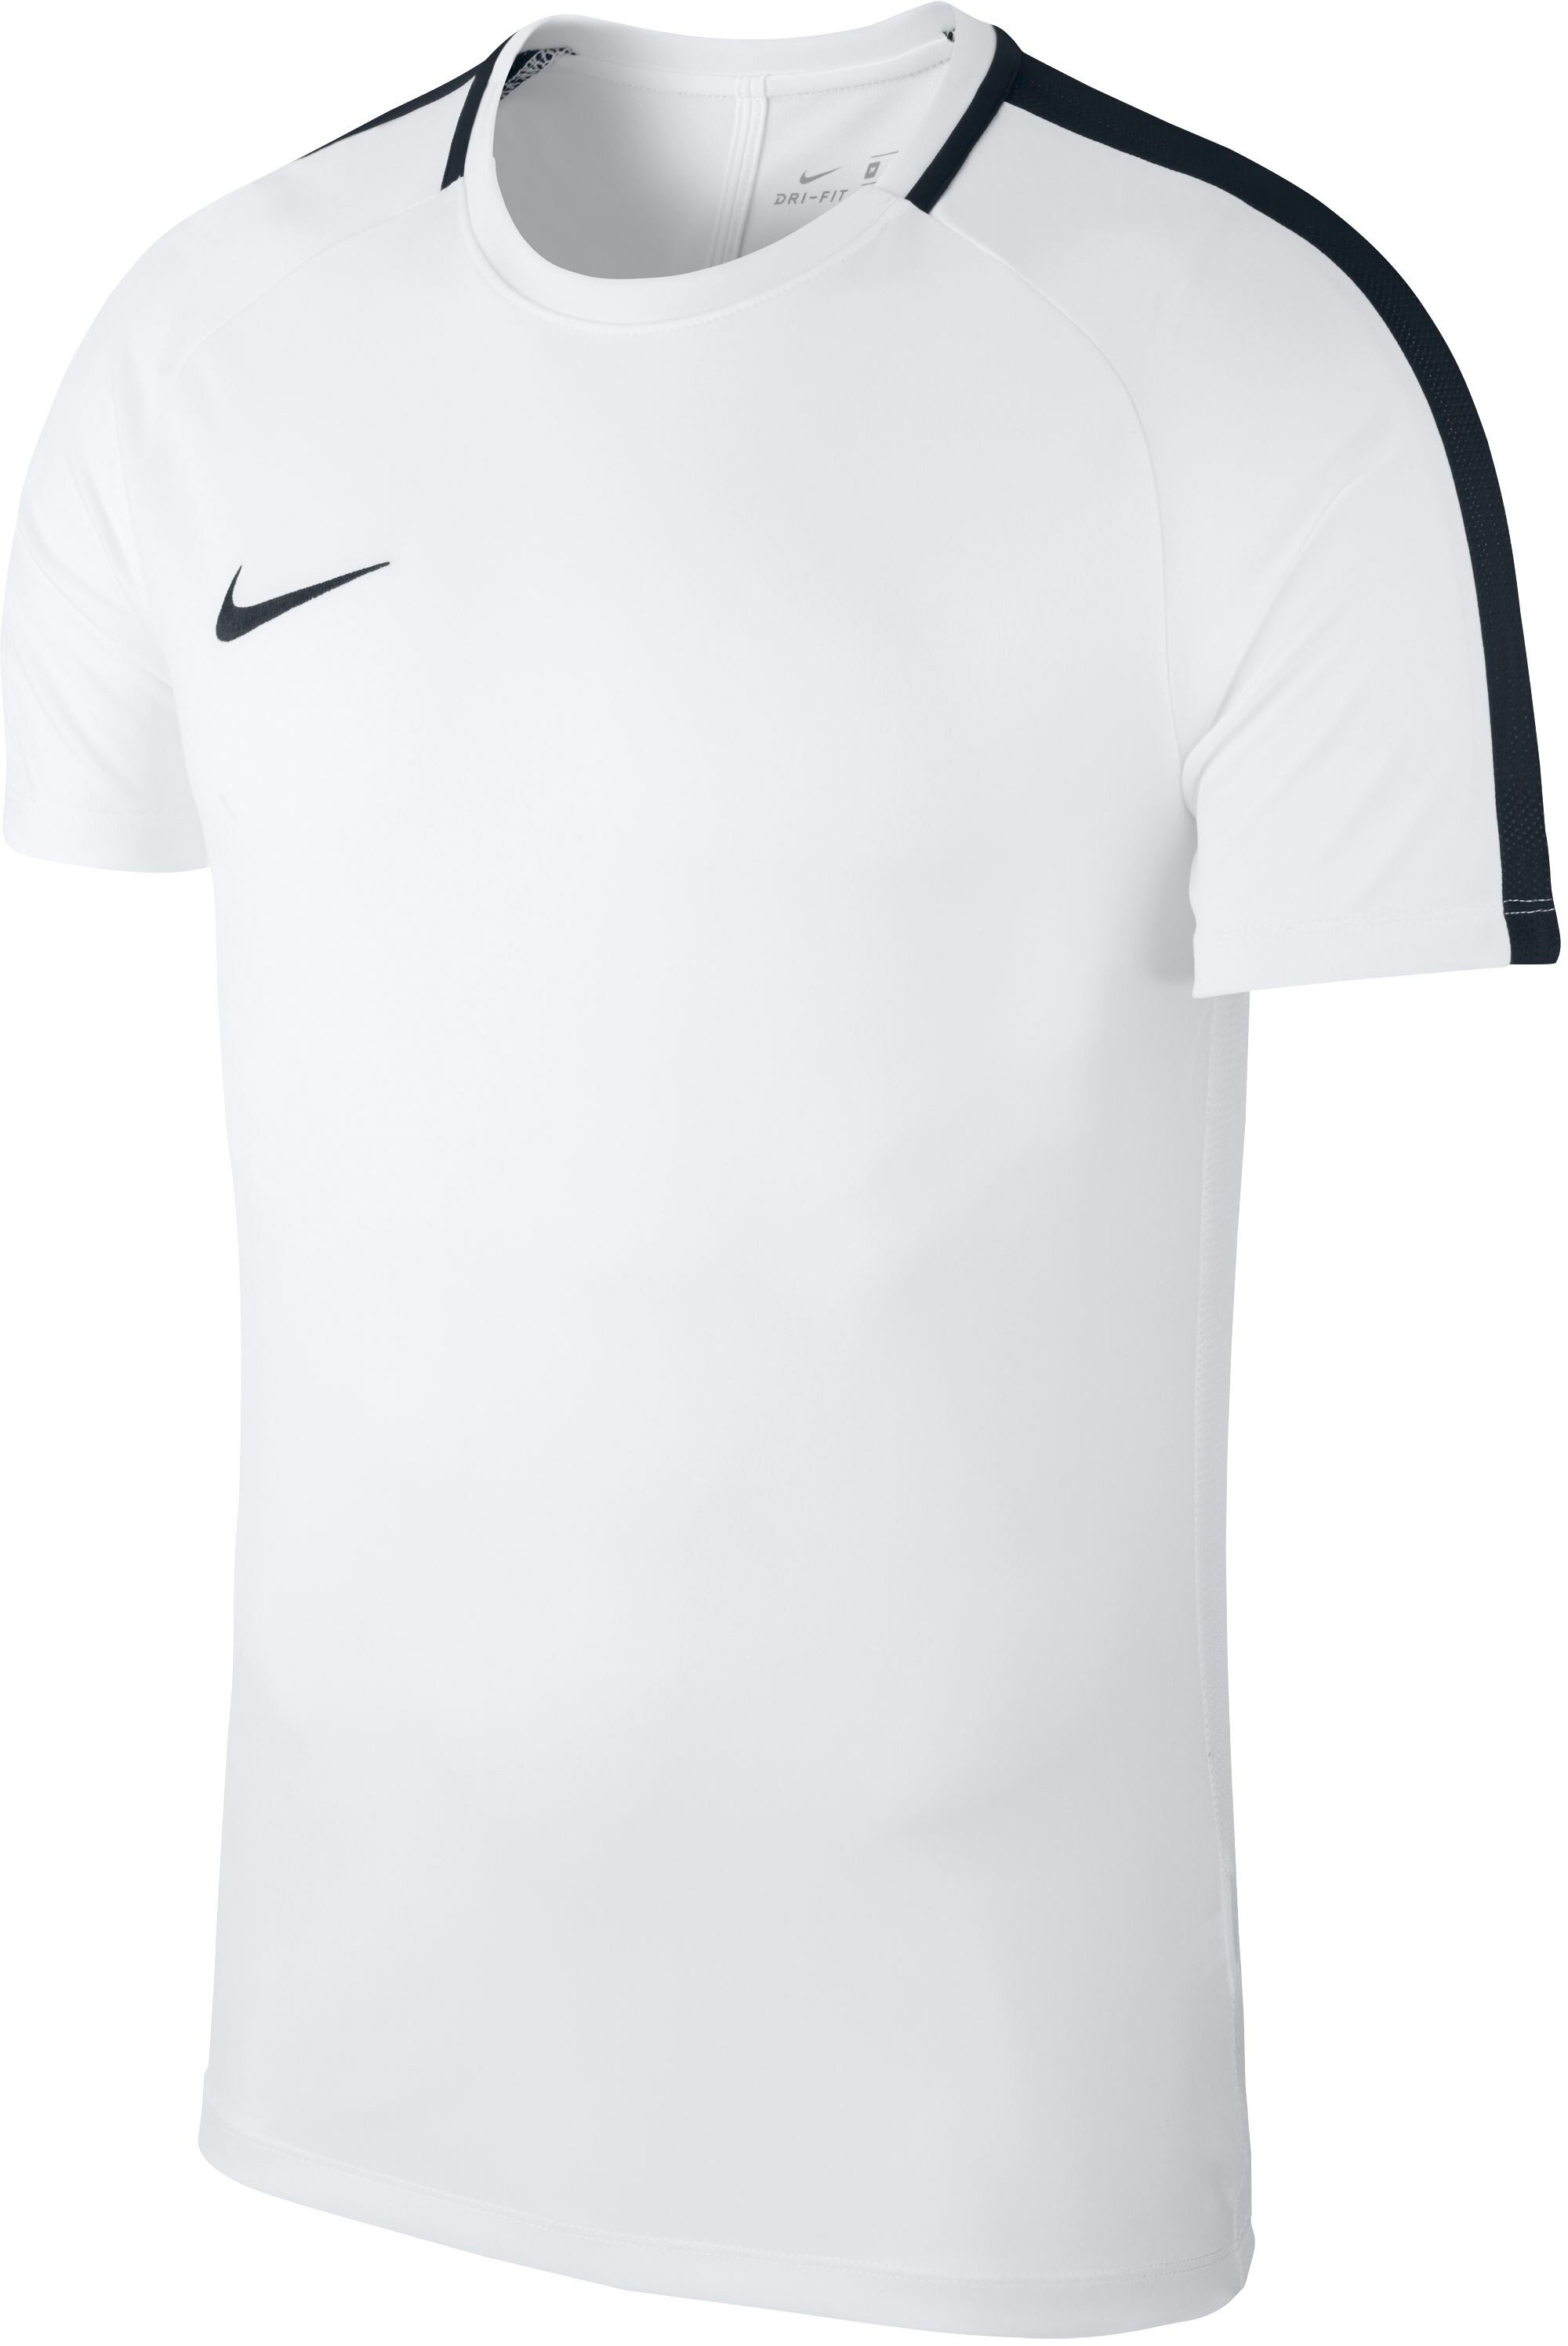 Intersport NIKE Park VI teknisk t skjorte herre | Intersport